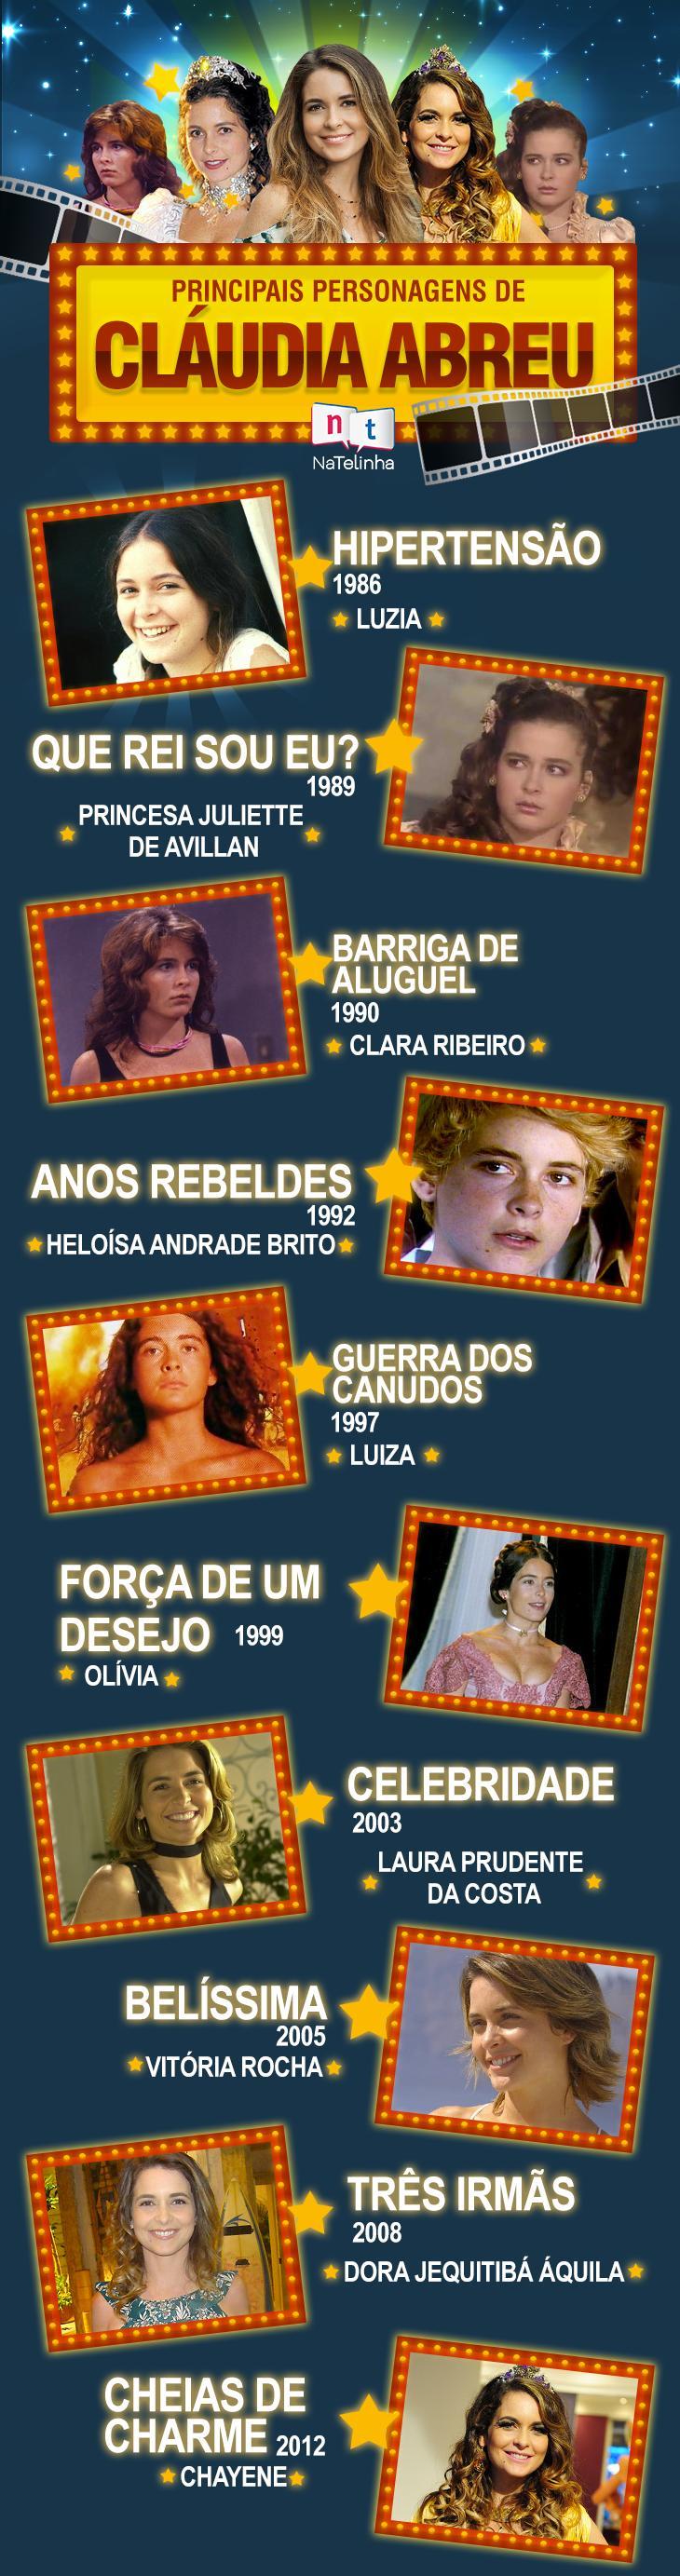 Cláudia Abreu faz 50 anos: Relembre 10 personagens marcantes da atriz na TV